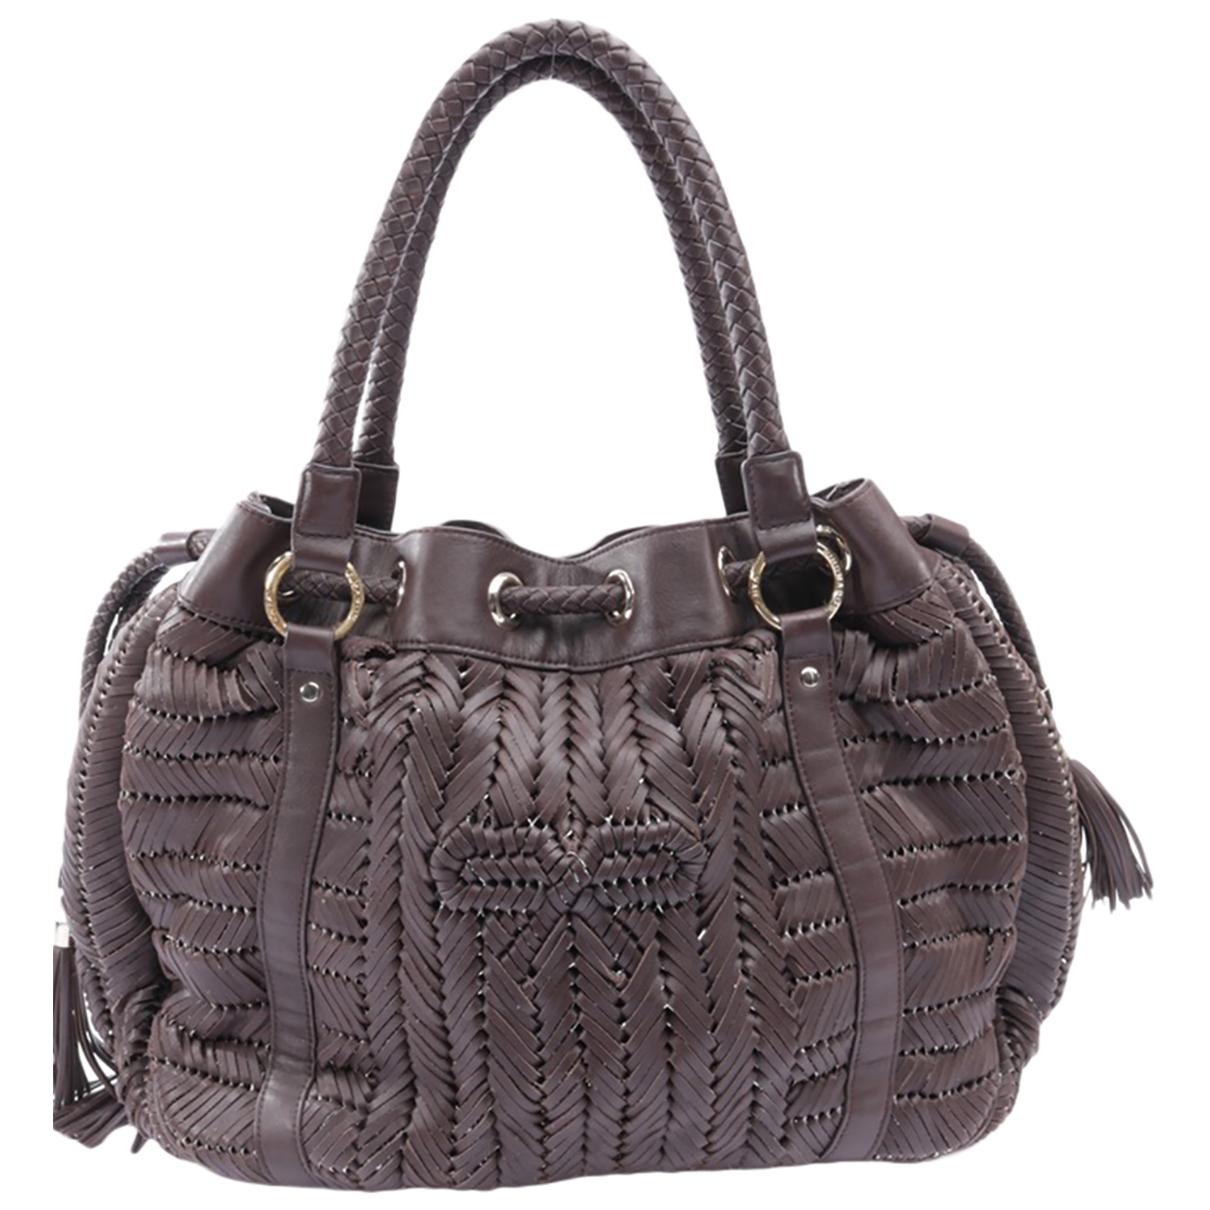 Anya Hindmarch \N Handtasche in  Braun Leder